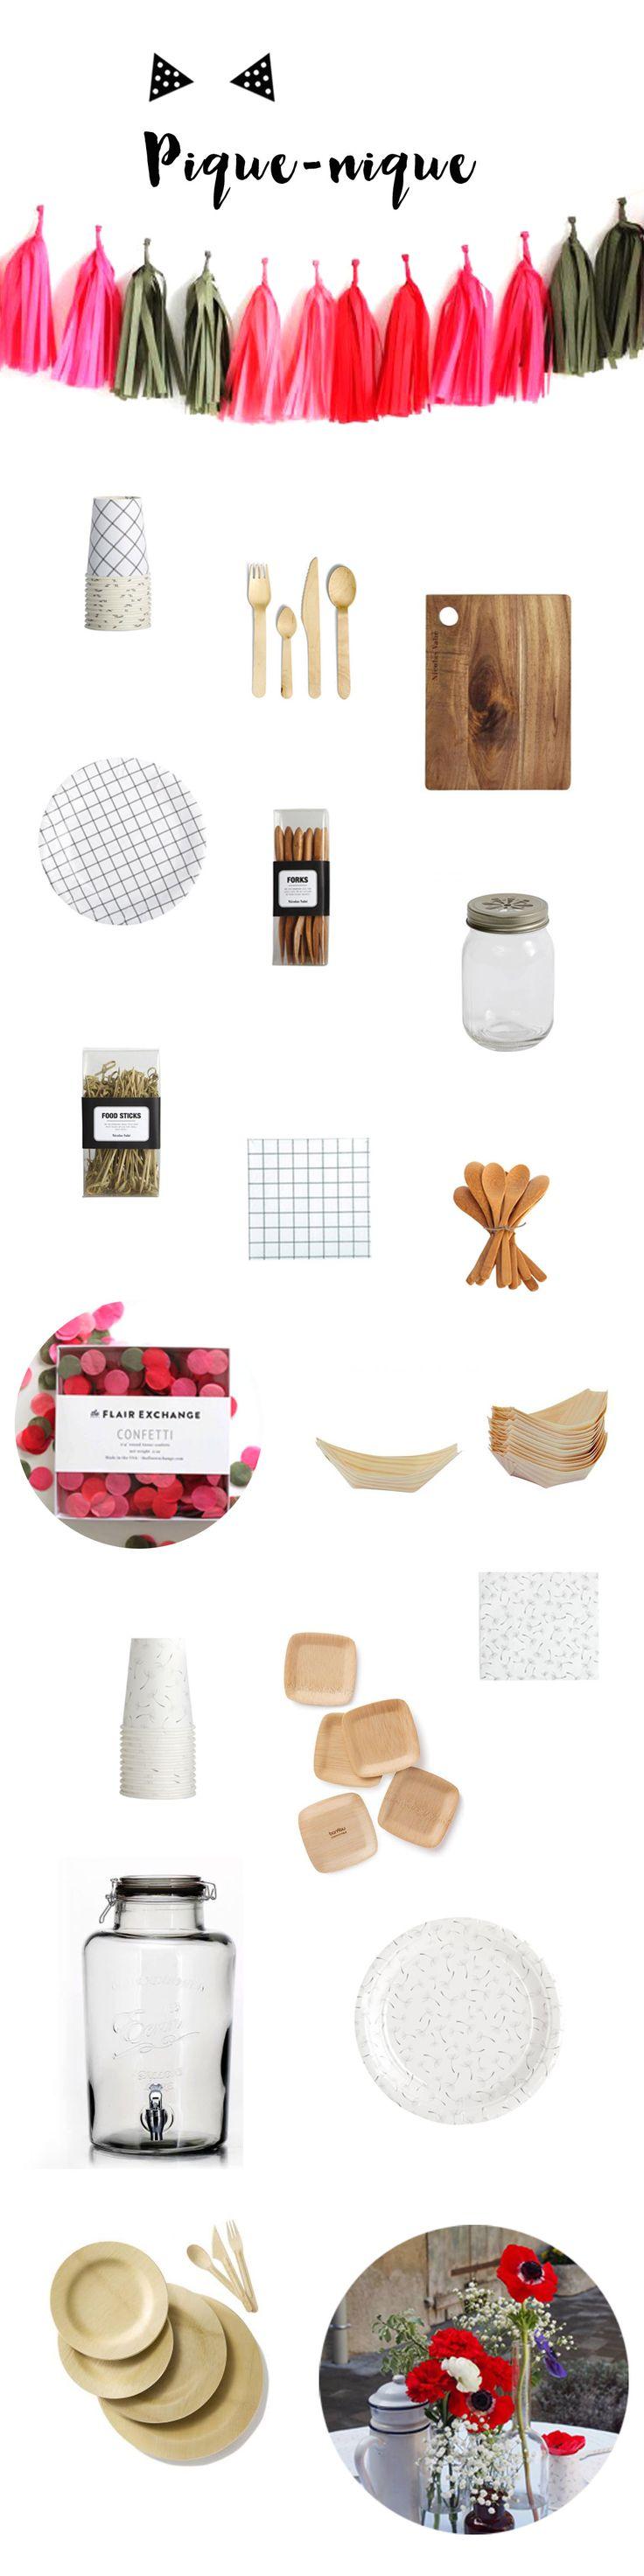 Vaisselle et accessoires pour un pique nique chic sur l'herbe, à retrouver sur www.rosecaramelle.fr  #picnic #piquenique #bucolique #champetre #rustique #carreaux #kraft #bois #couverts #pailles #masonjars #paniers #vaisselle